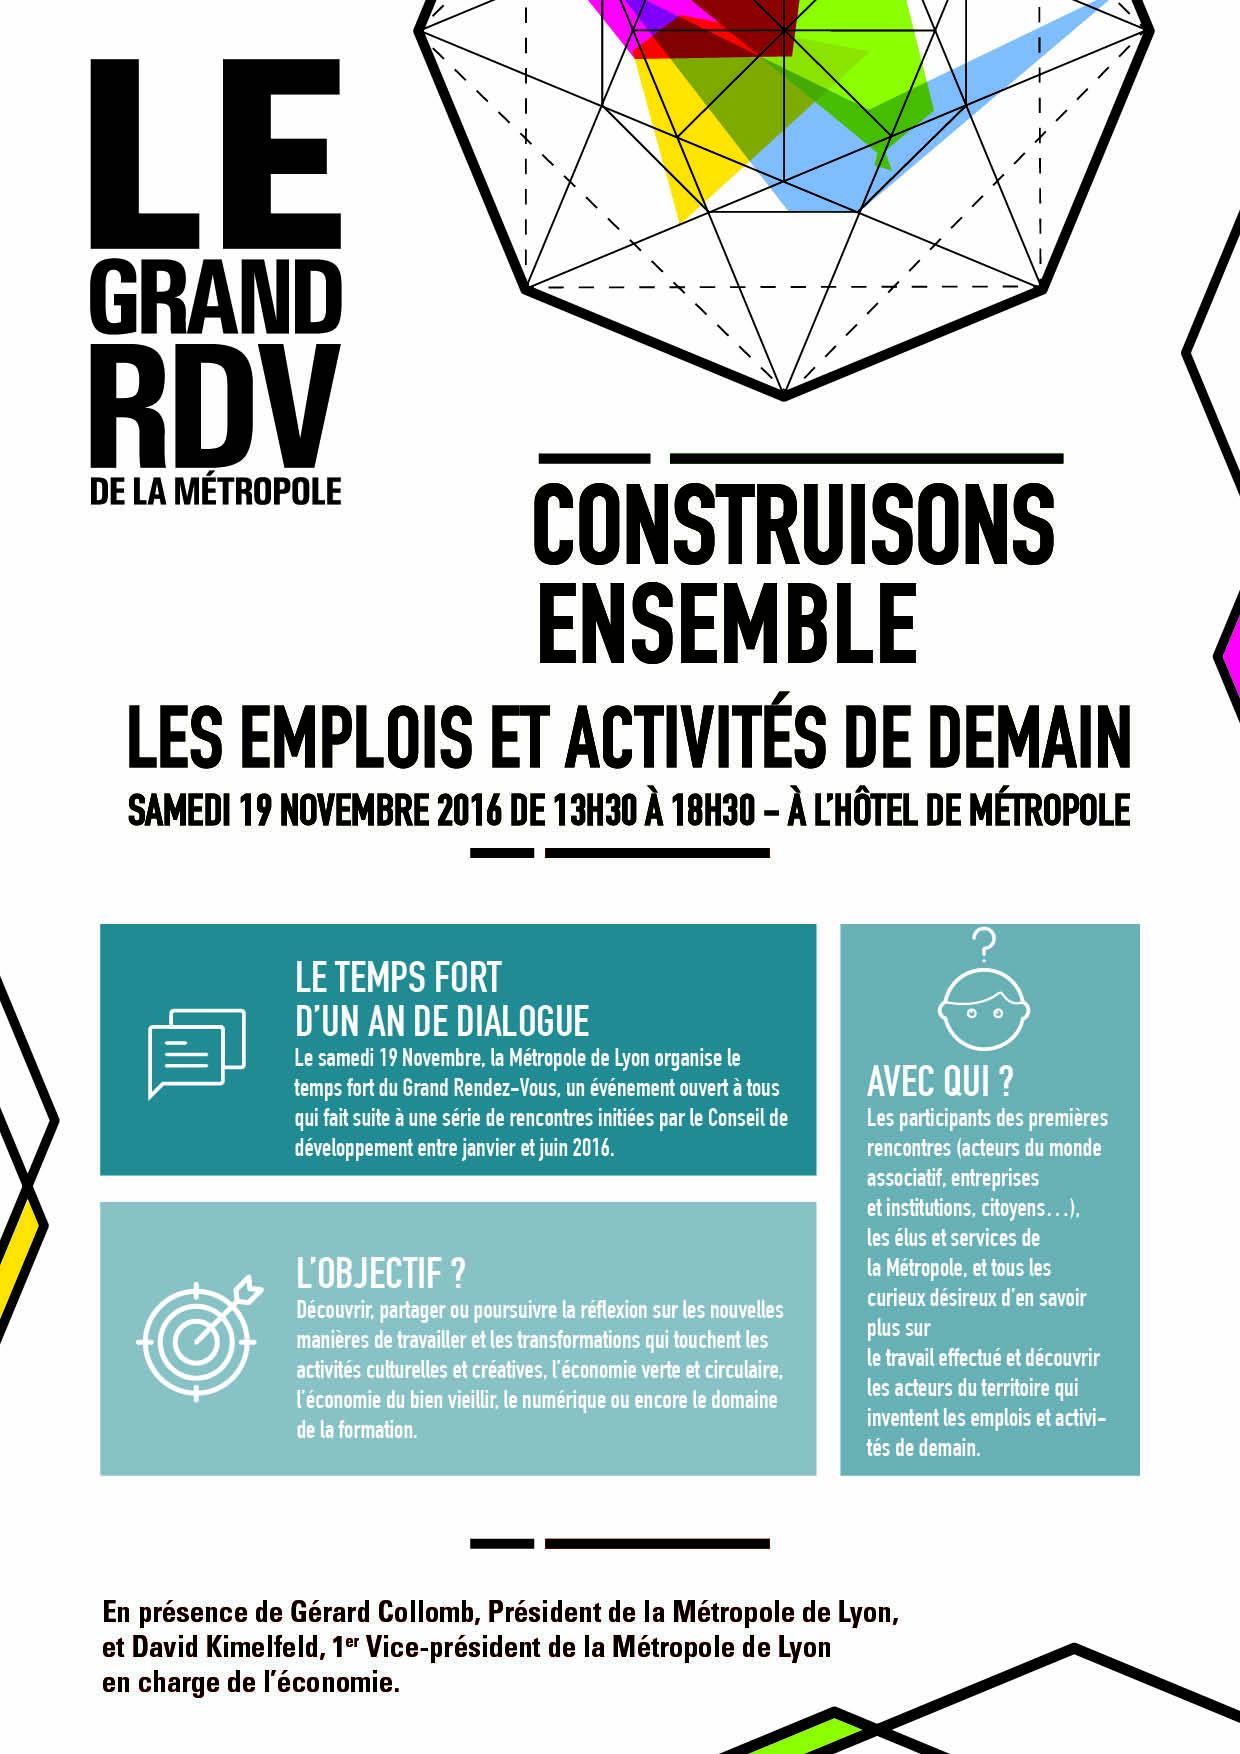 A Lyon, un Forum prospectif sur les Emplois et activités de demain Programme-du-grand-rdv-19.11.16